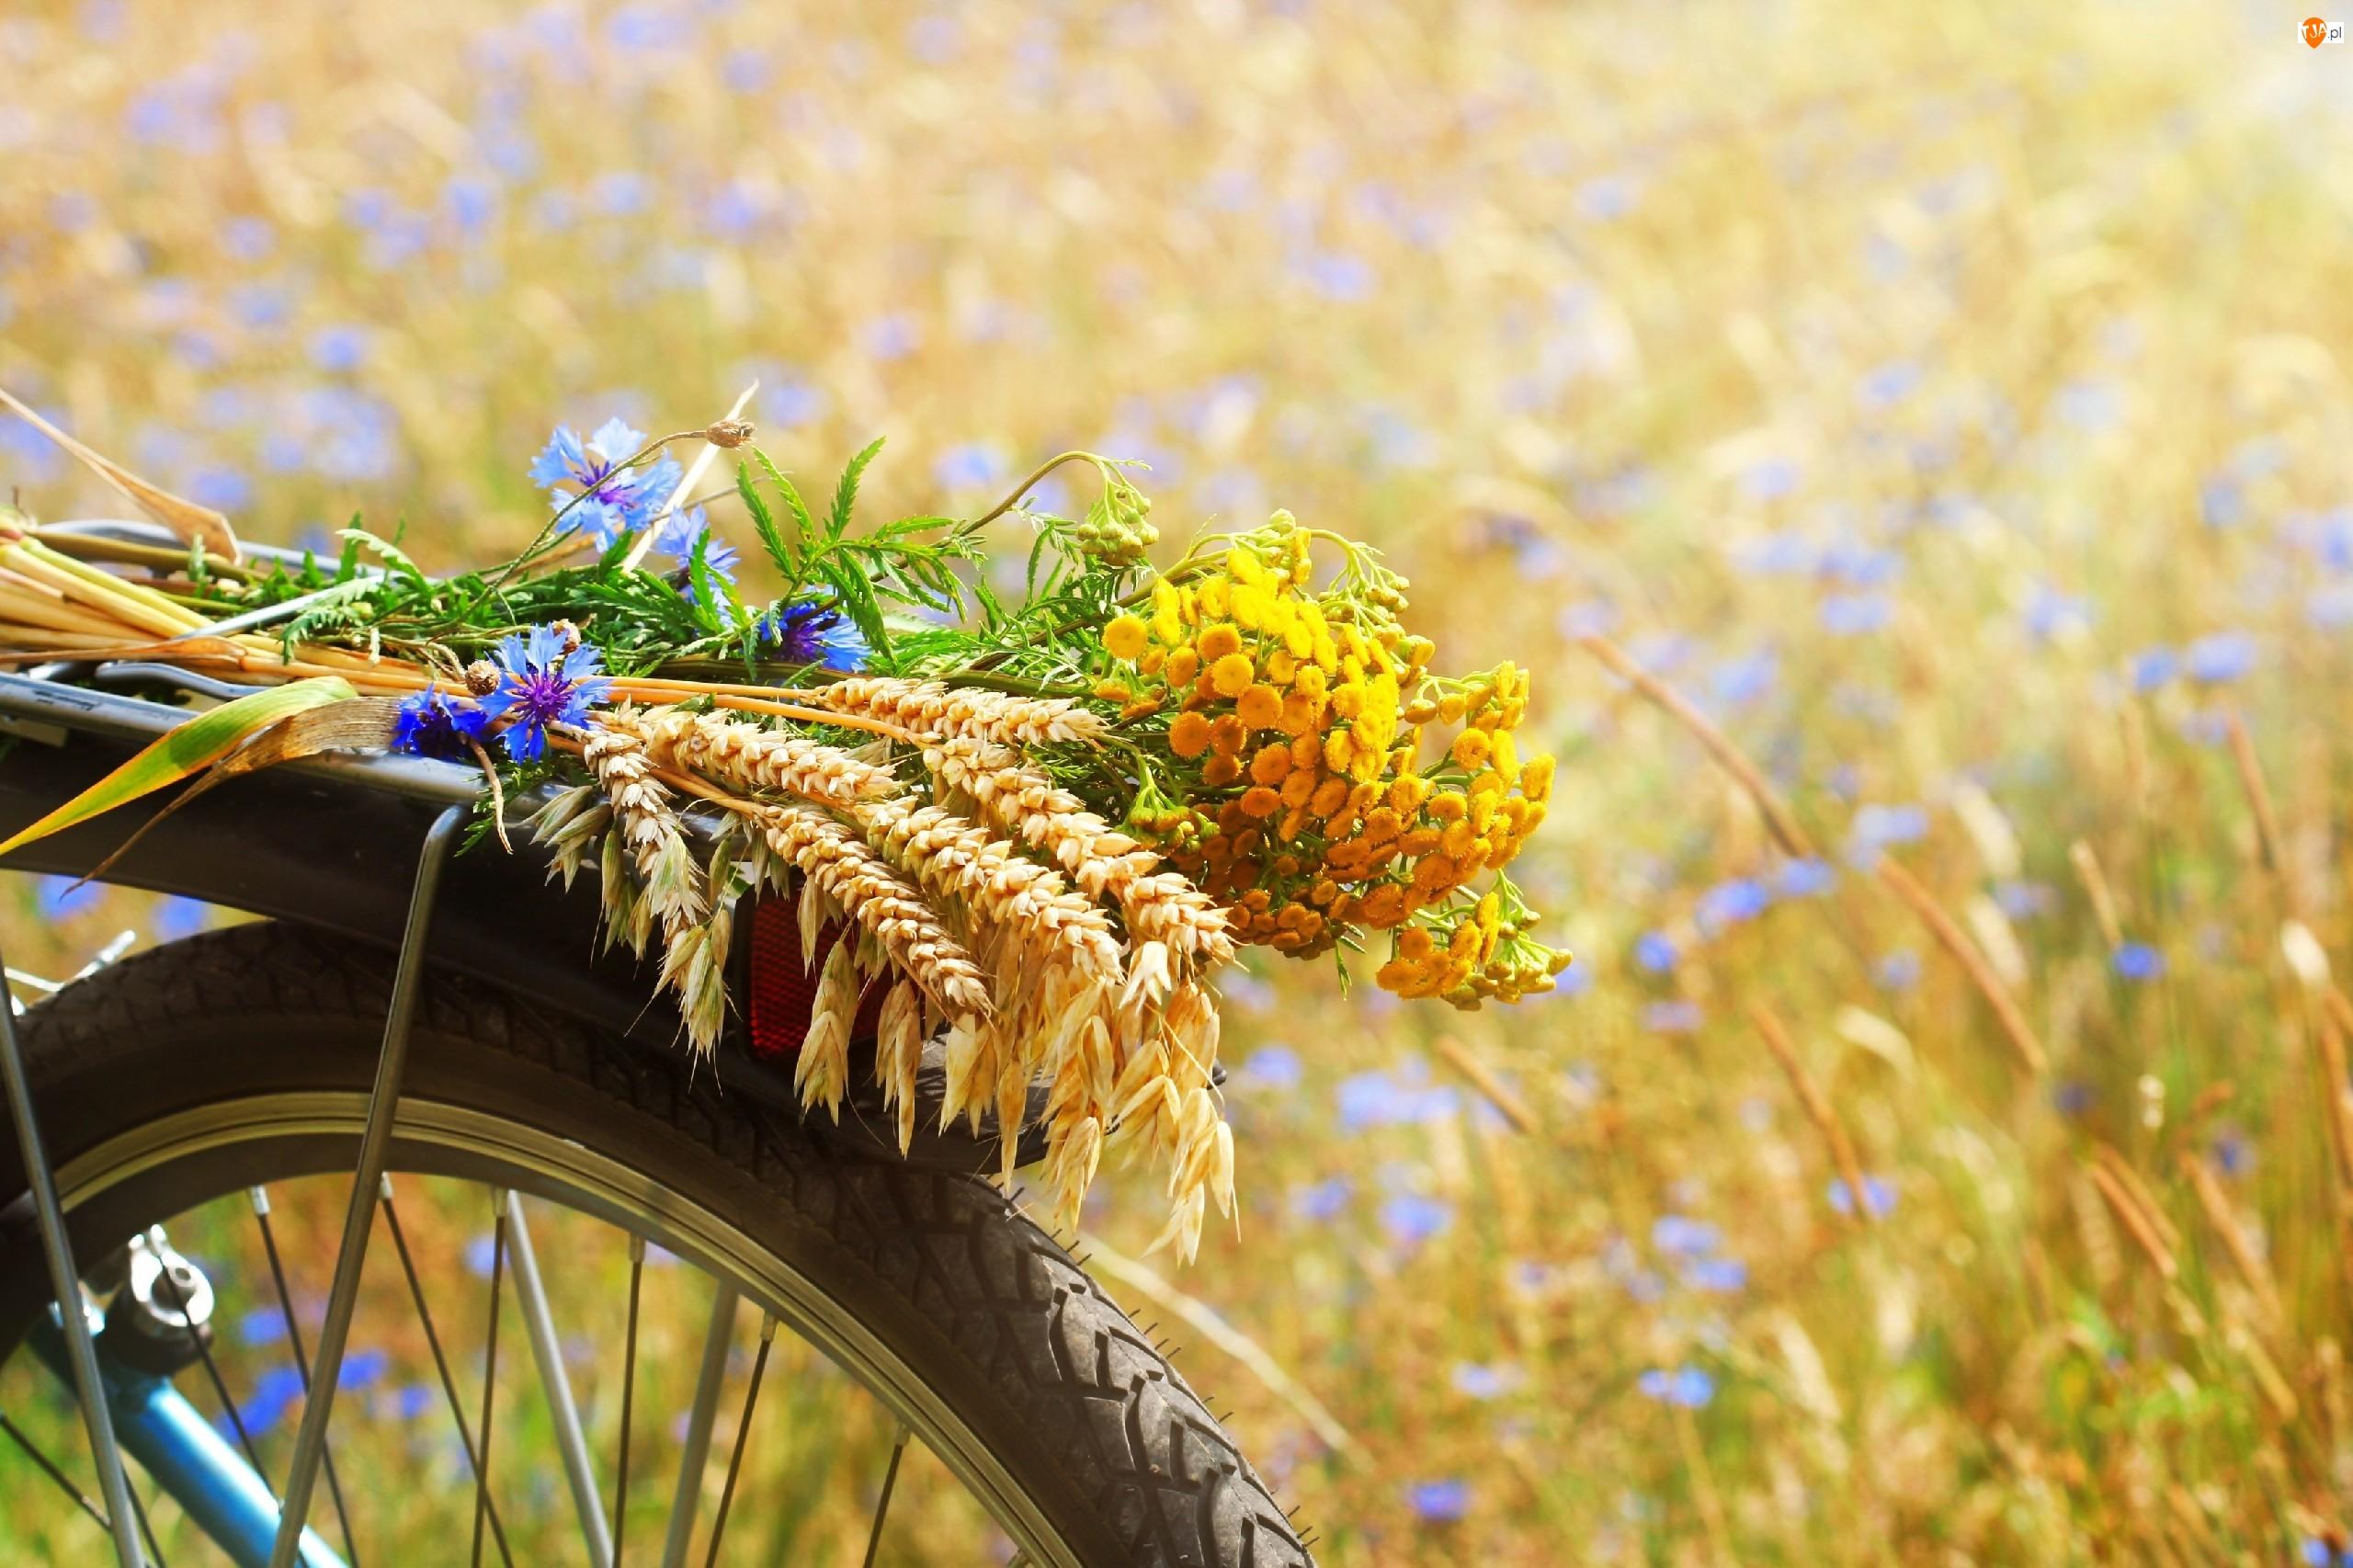 Rower, Zboże, Letnich, Wiązanka, Pole, Kwiatów, Owies